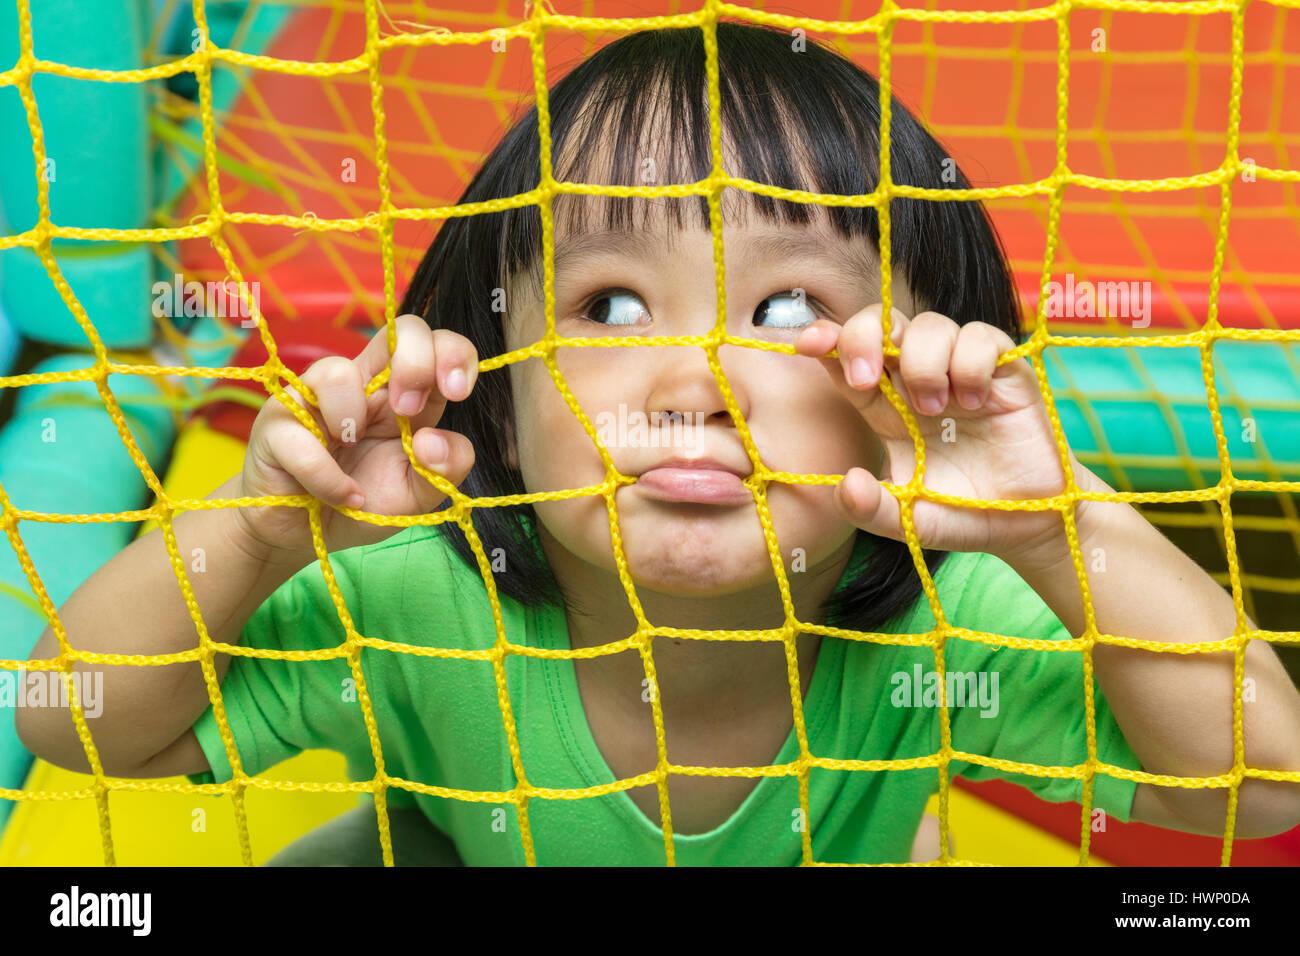 Felice cinese asiatici bambina giocando dietro la rete al parco giochi al coperto. Immagini Stock